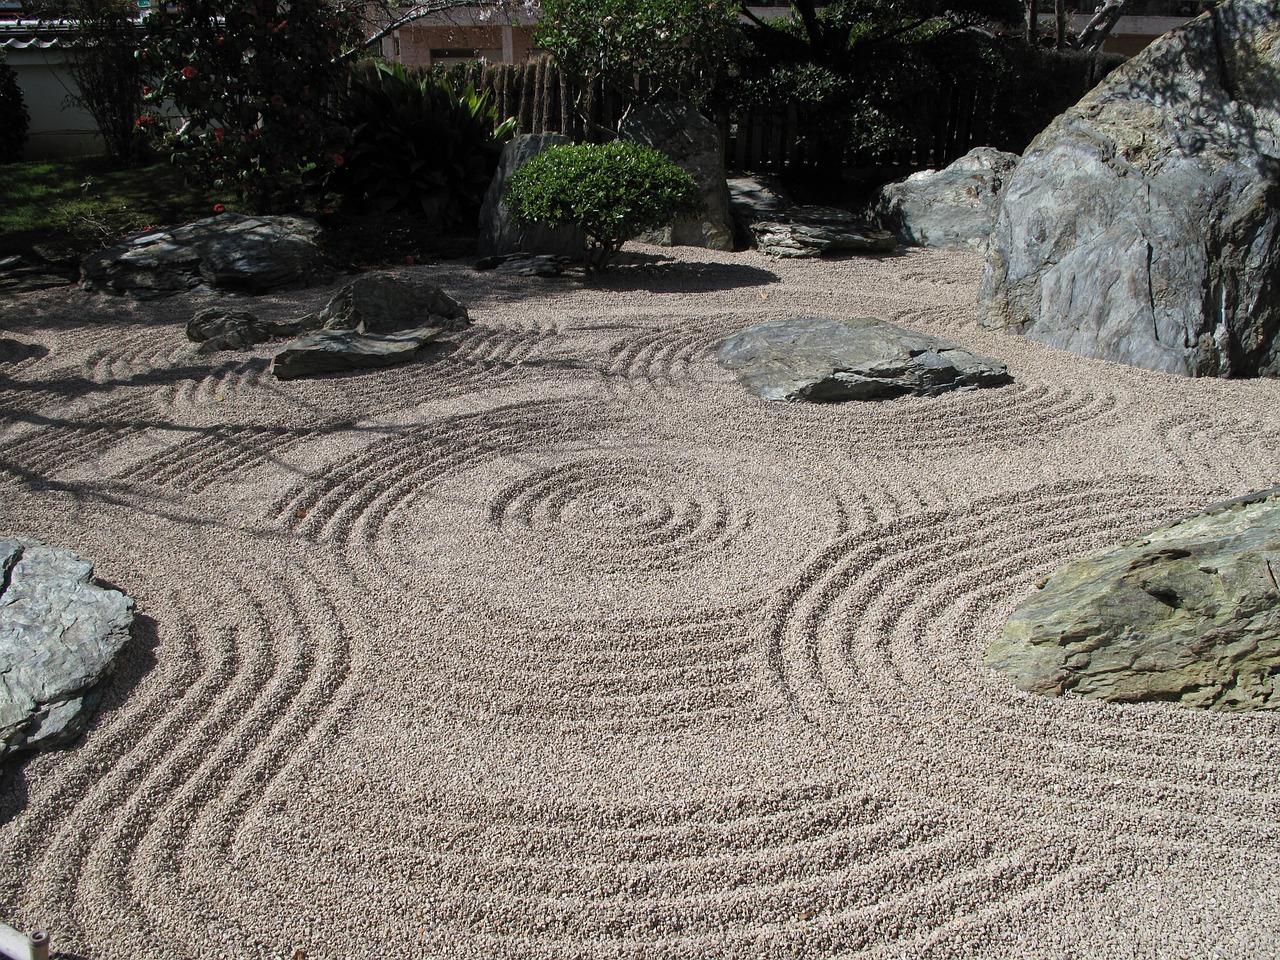 елегантна японска градина